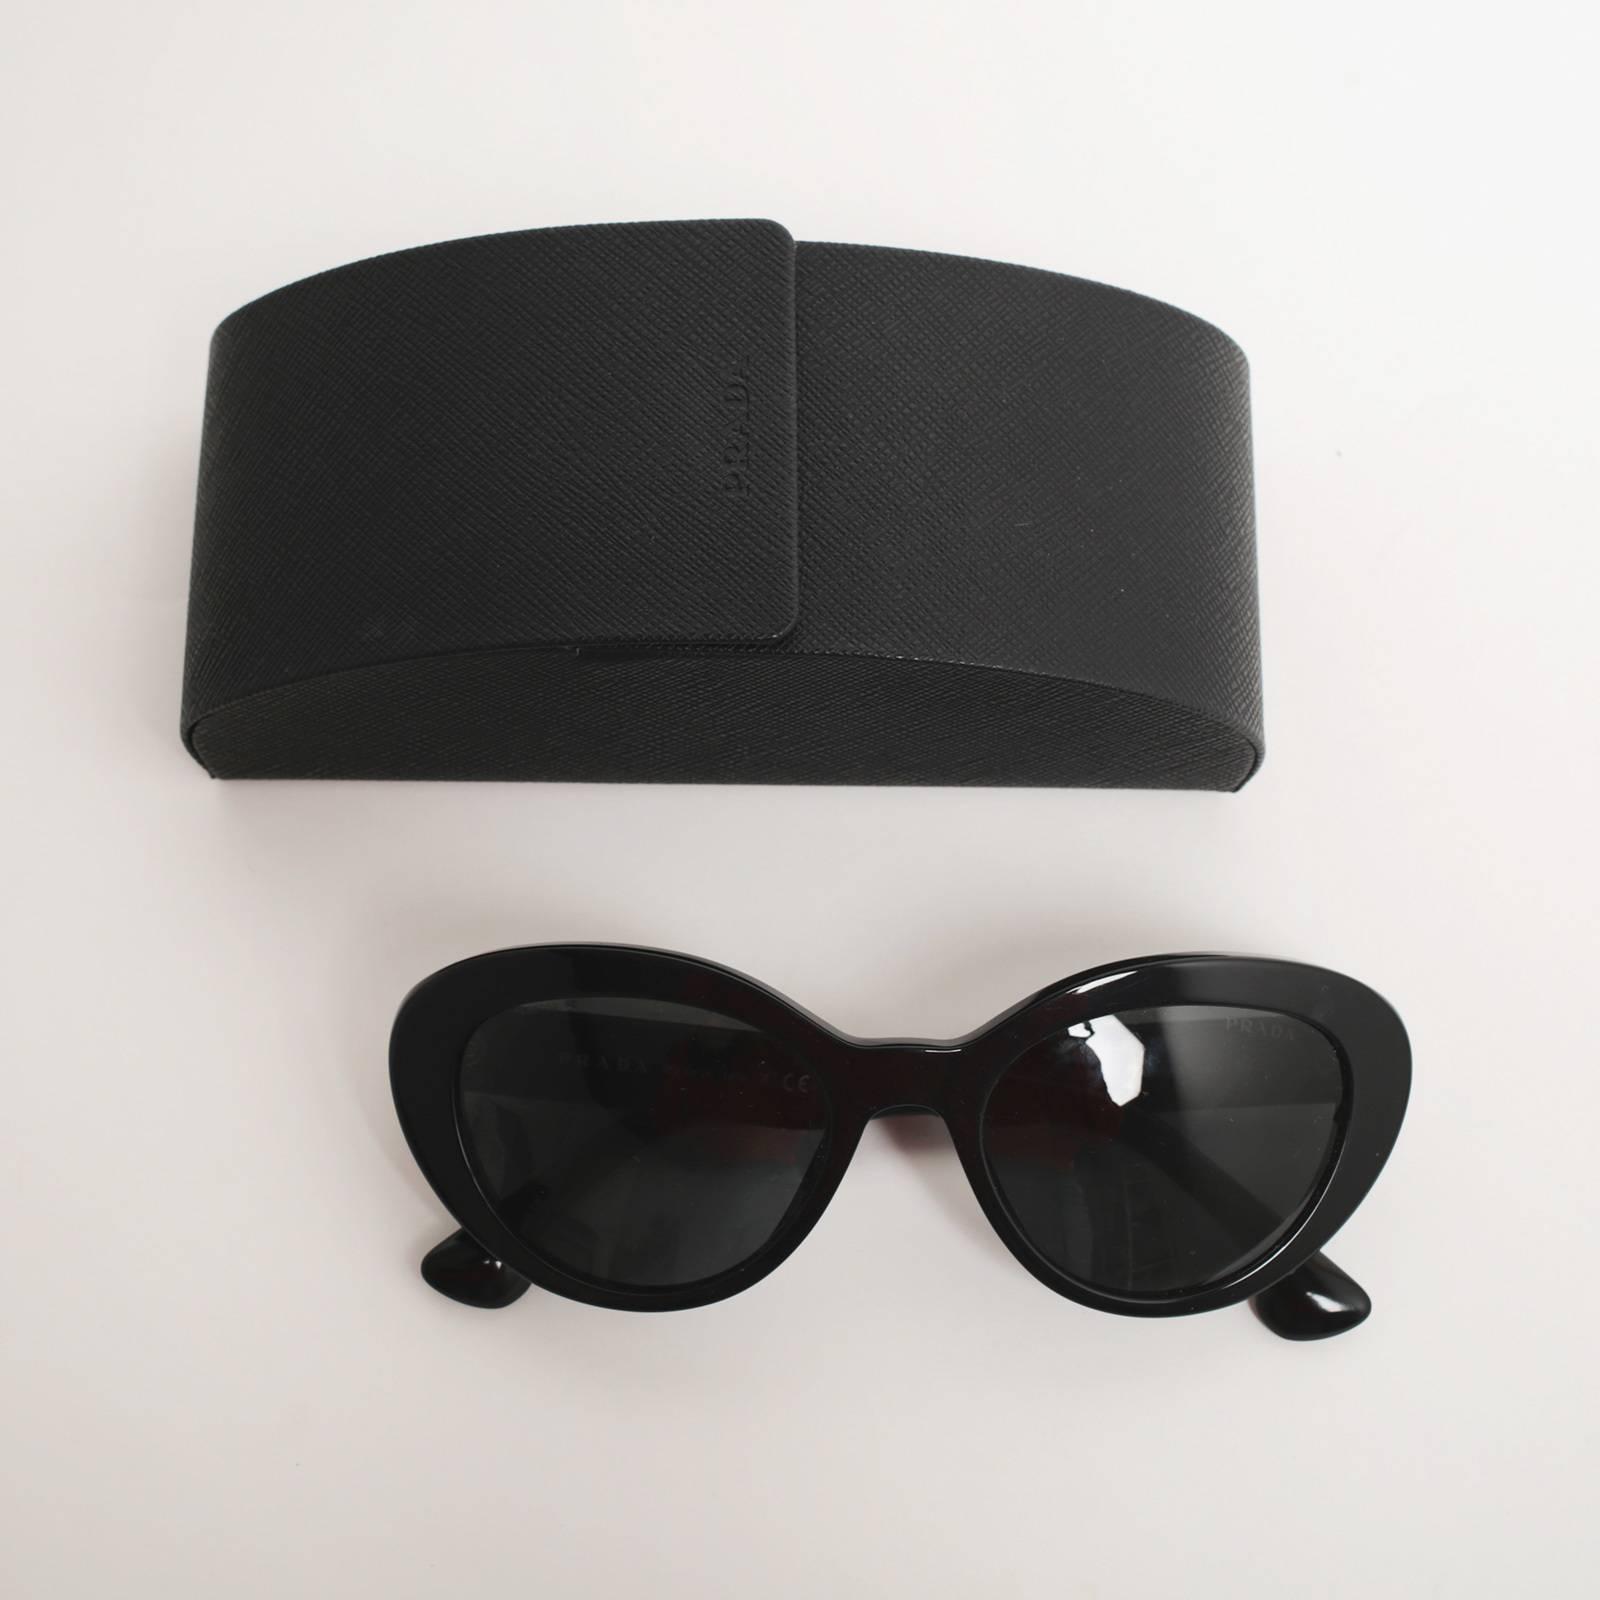 Купить очки Prada в Москве с доставкой по цене 6160 рублей   Second ... 4e4e0a91459